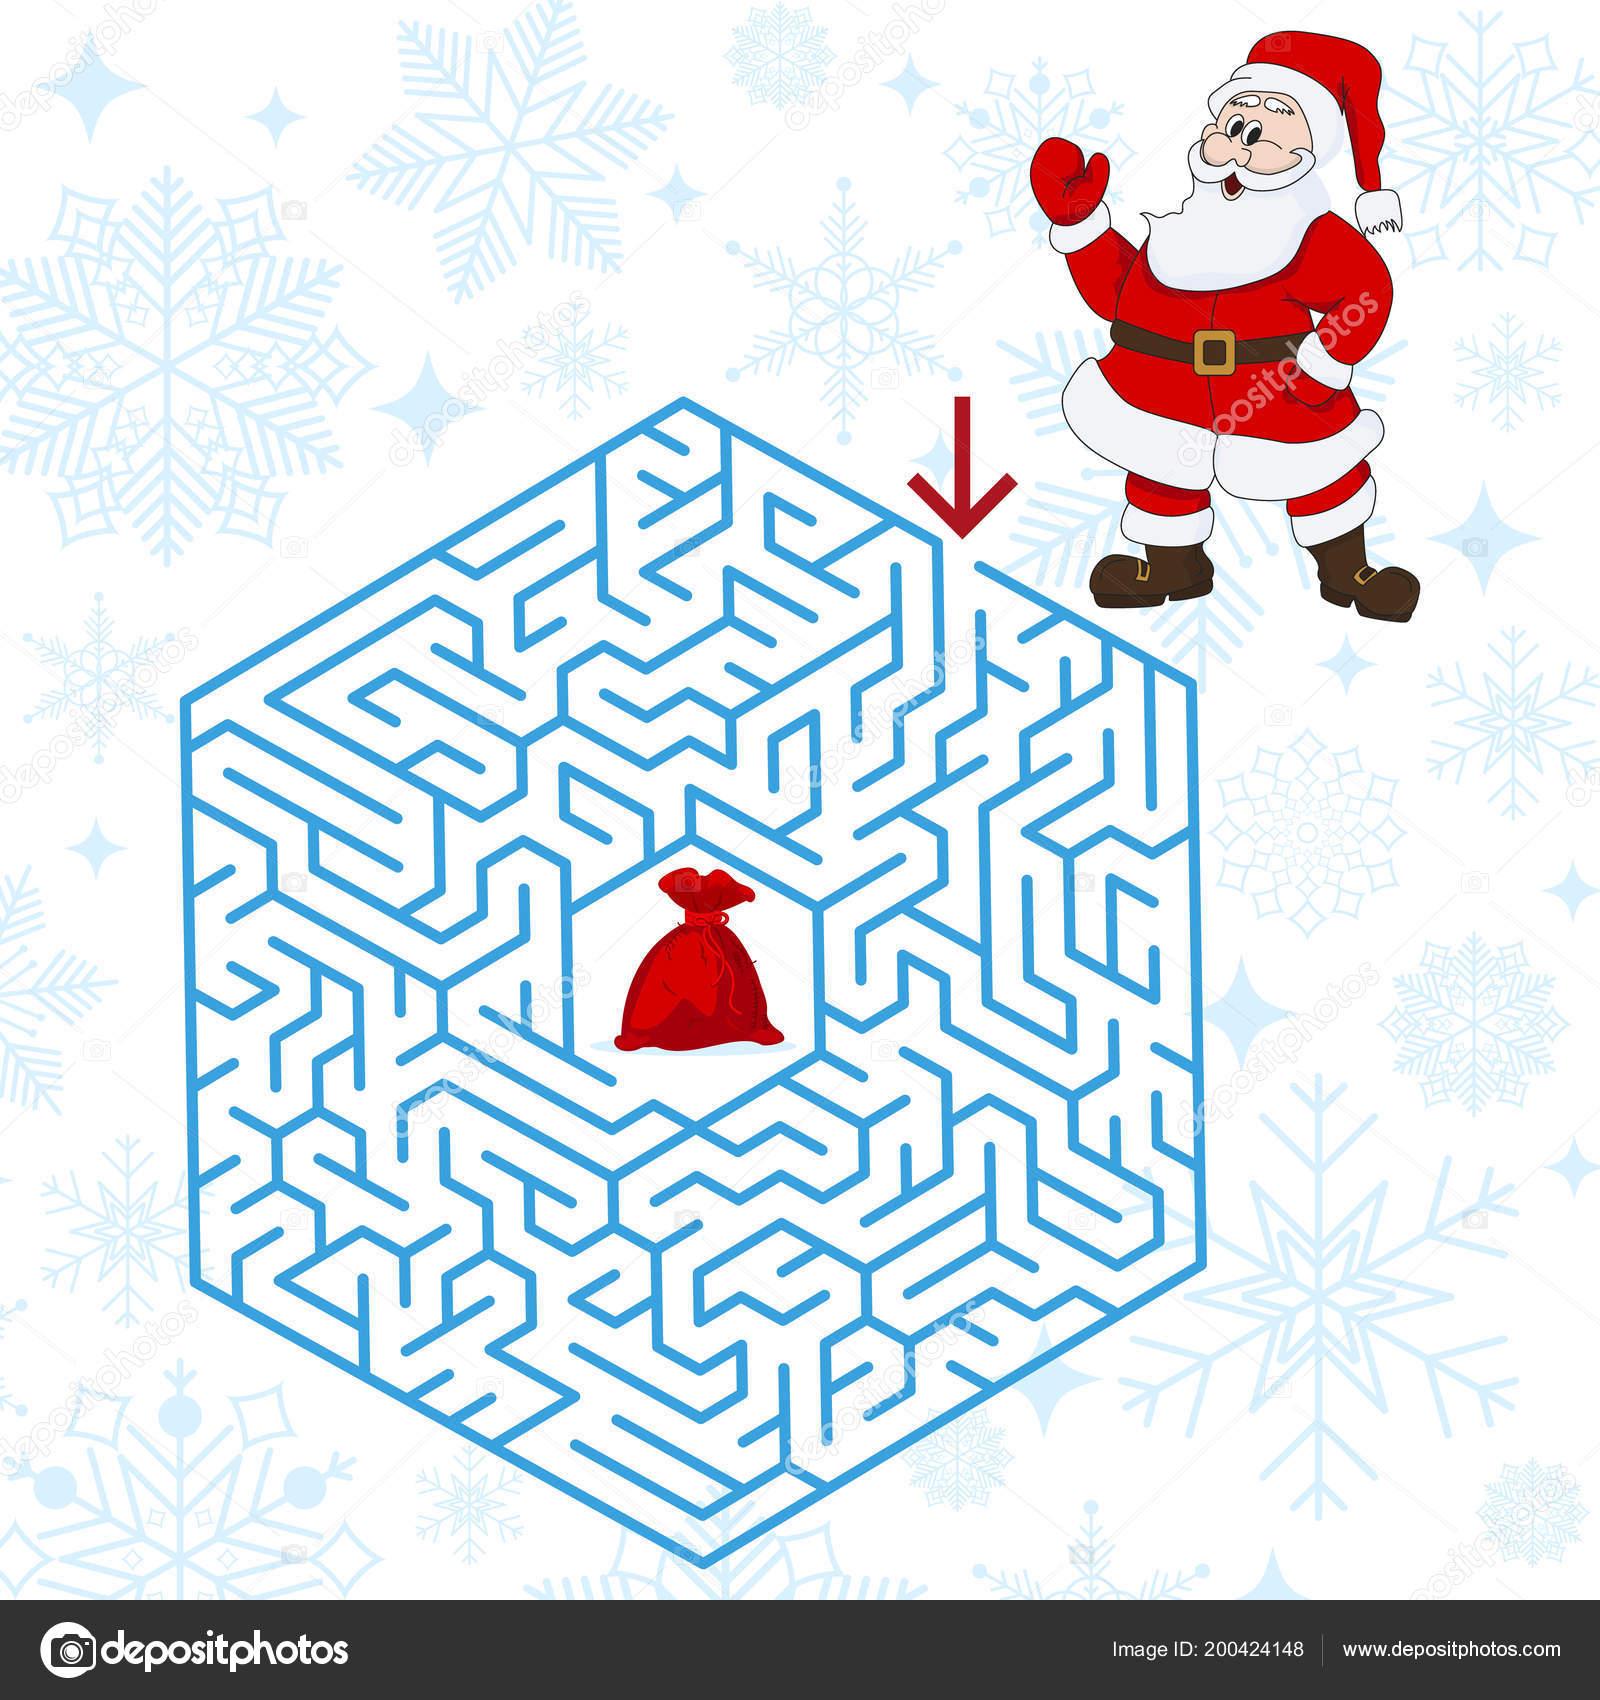 Percorso Babbo Natale.Poliedro Labirinto Gioco Enigma Modo Trovare Il Vostro Percorso